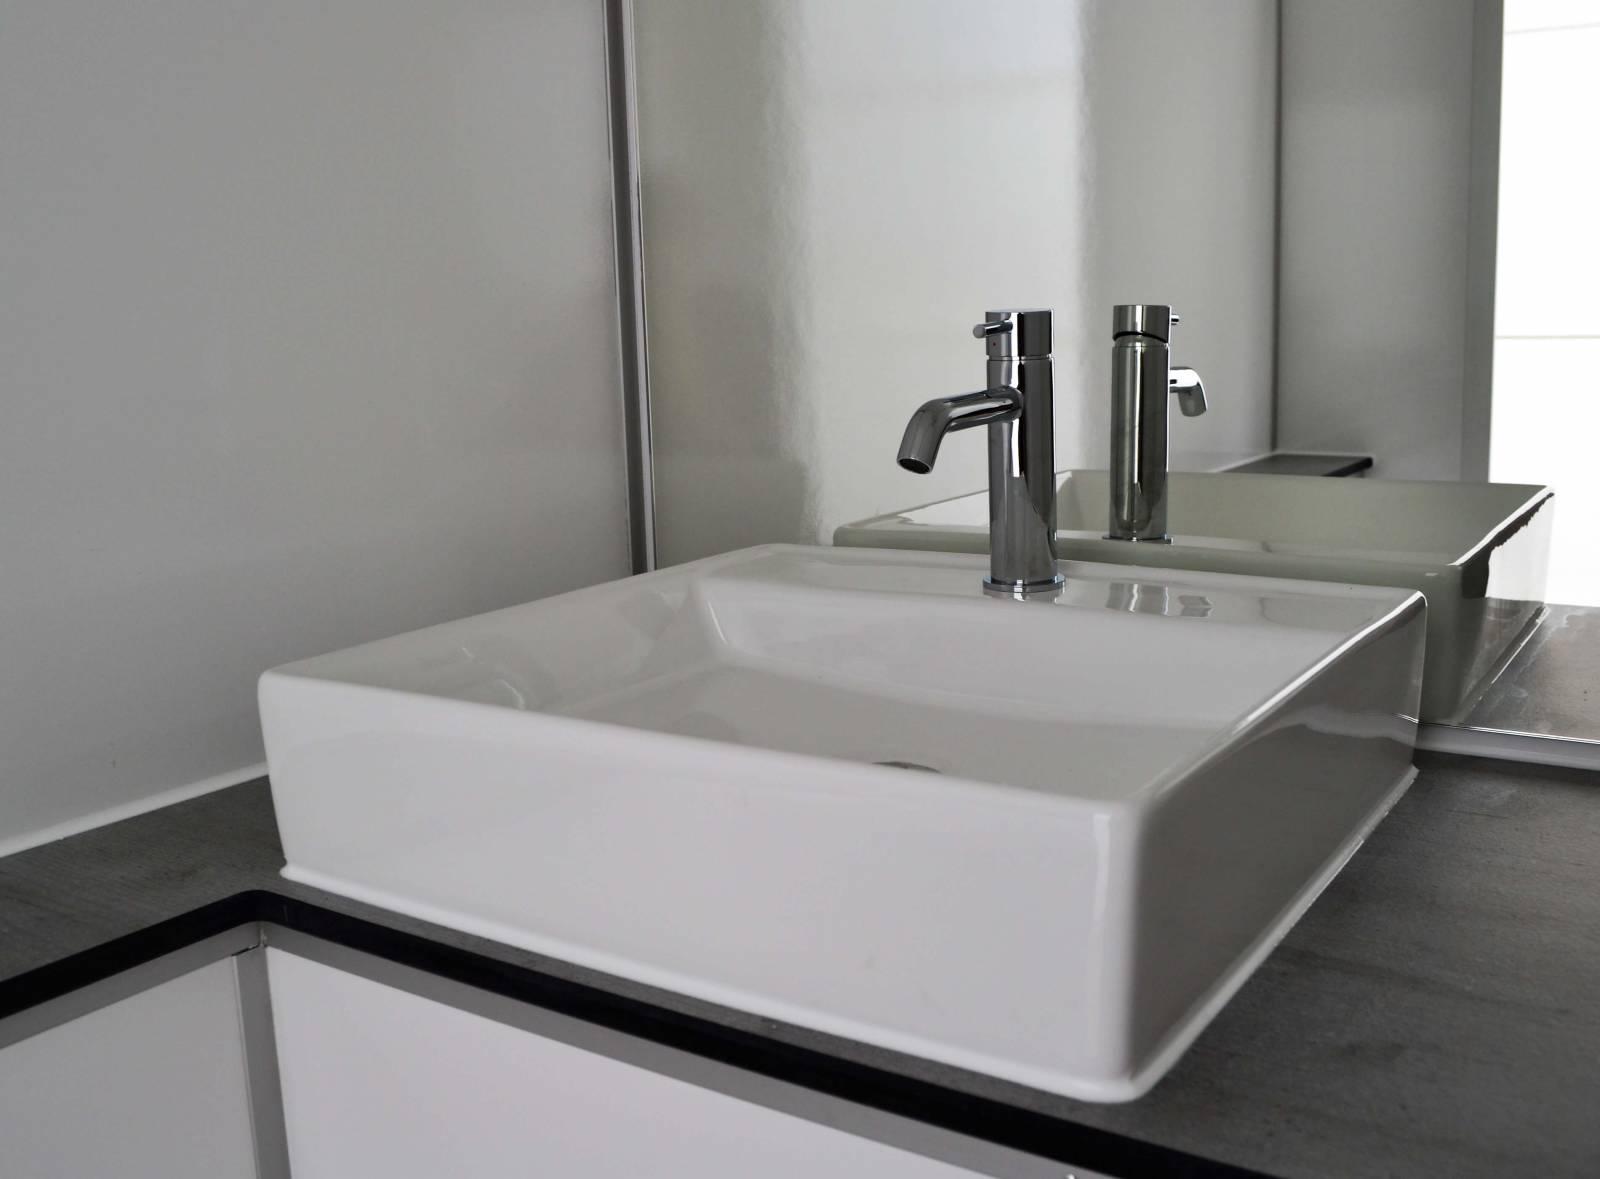 Toiletwagen111 007